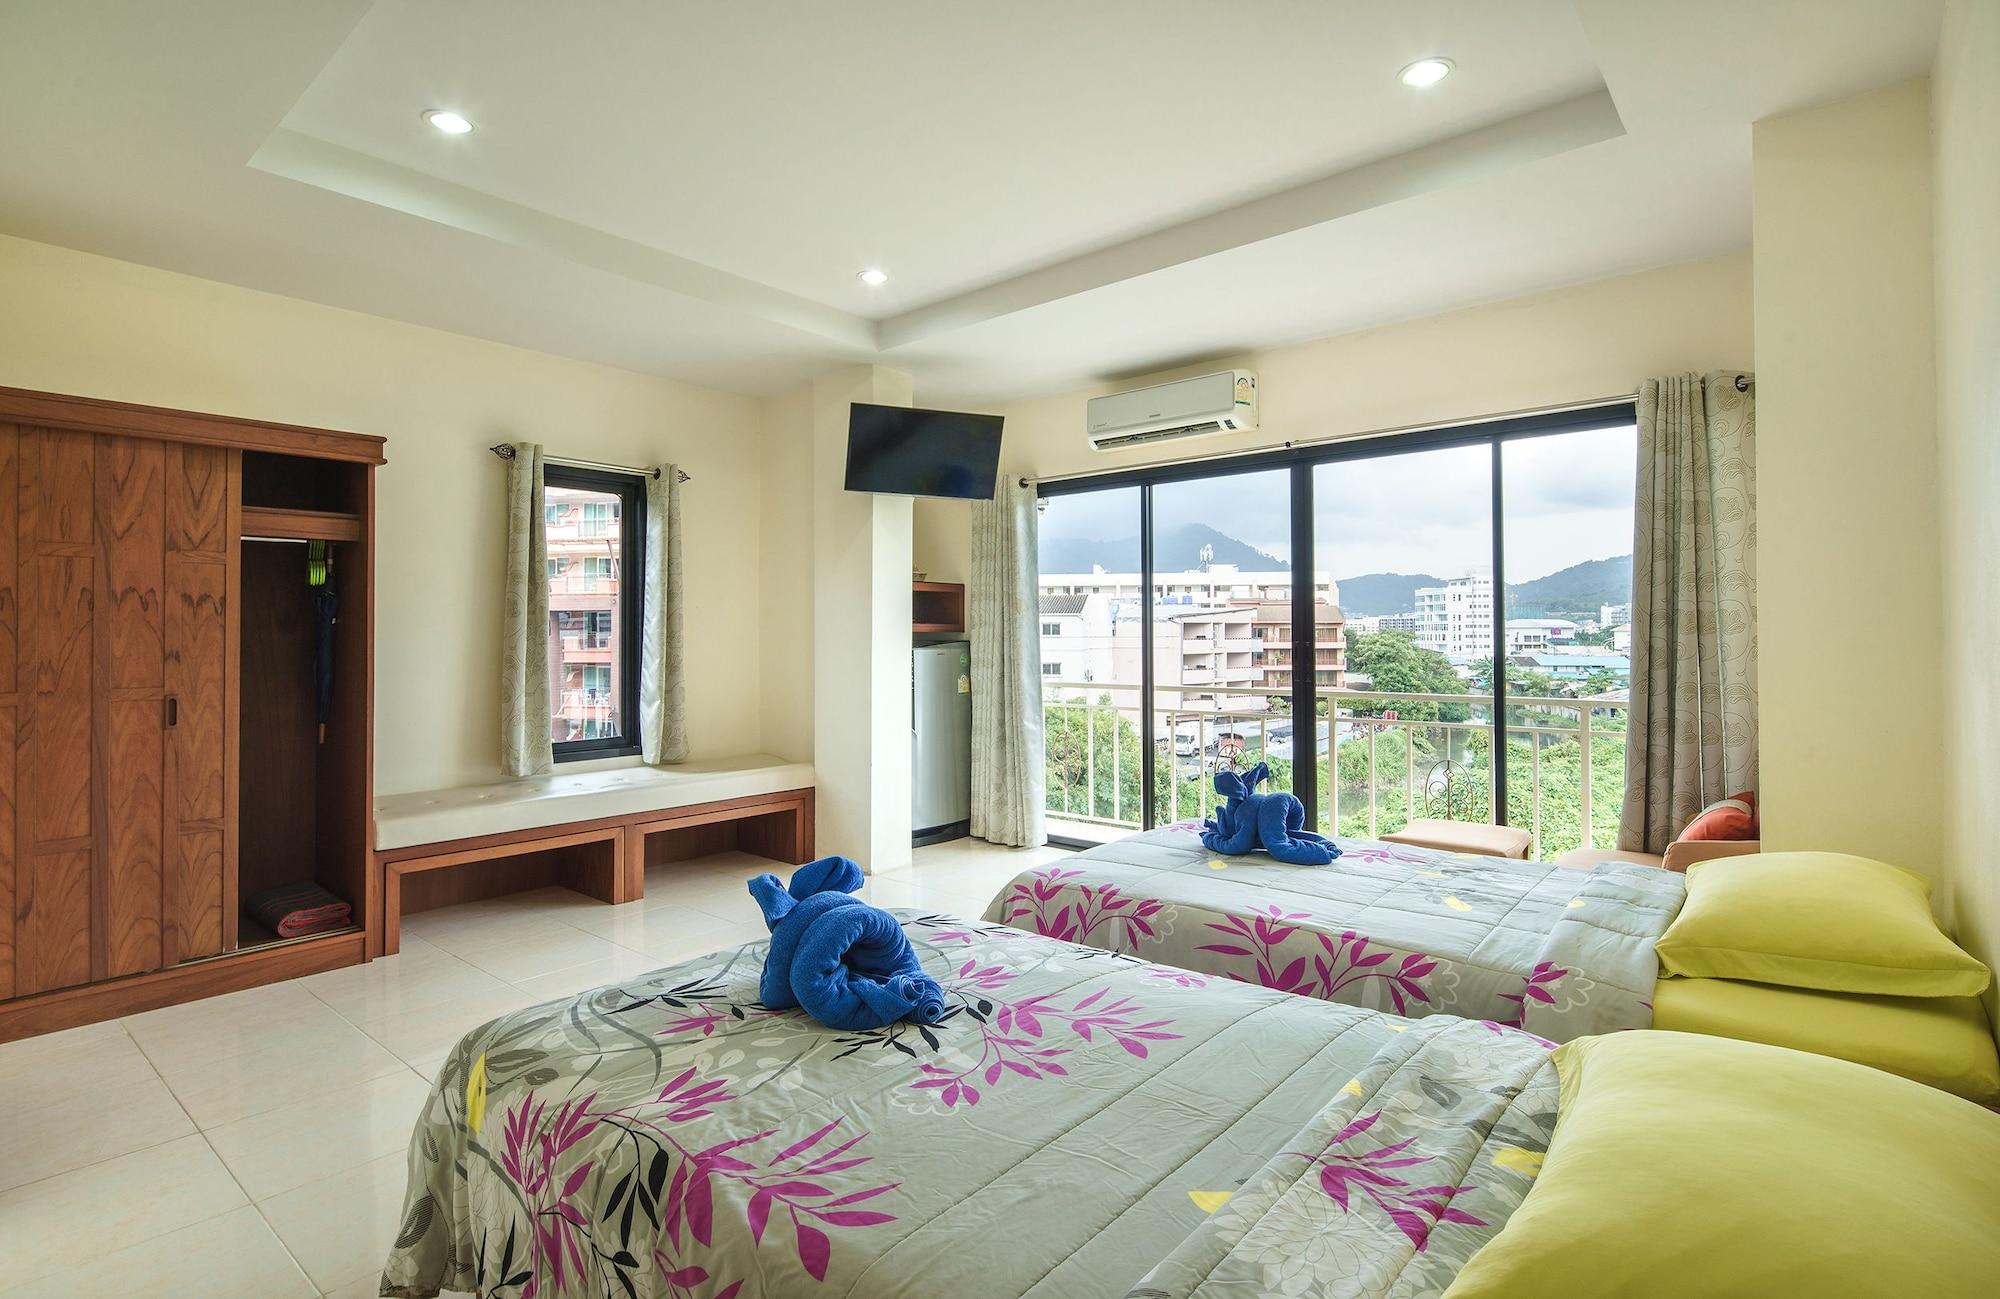 Ban Patong Residence, Pulau Phuket